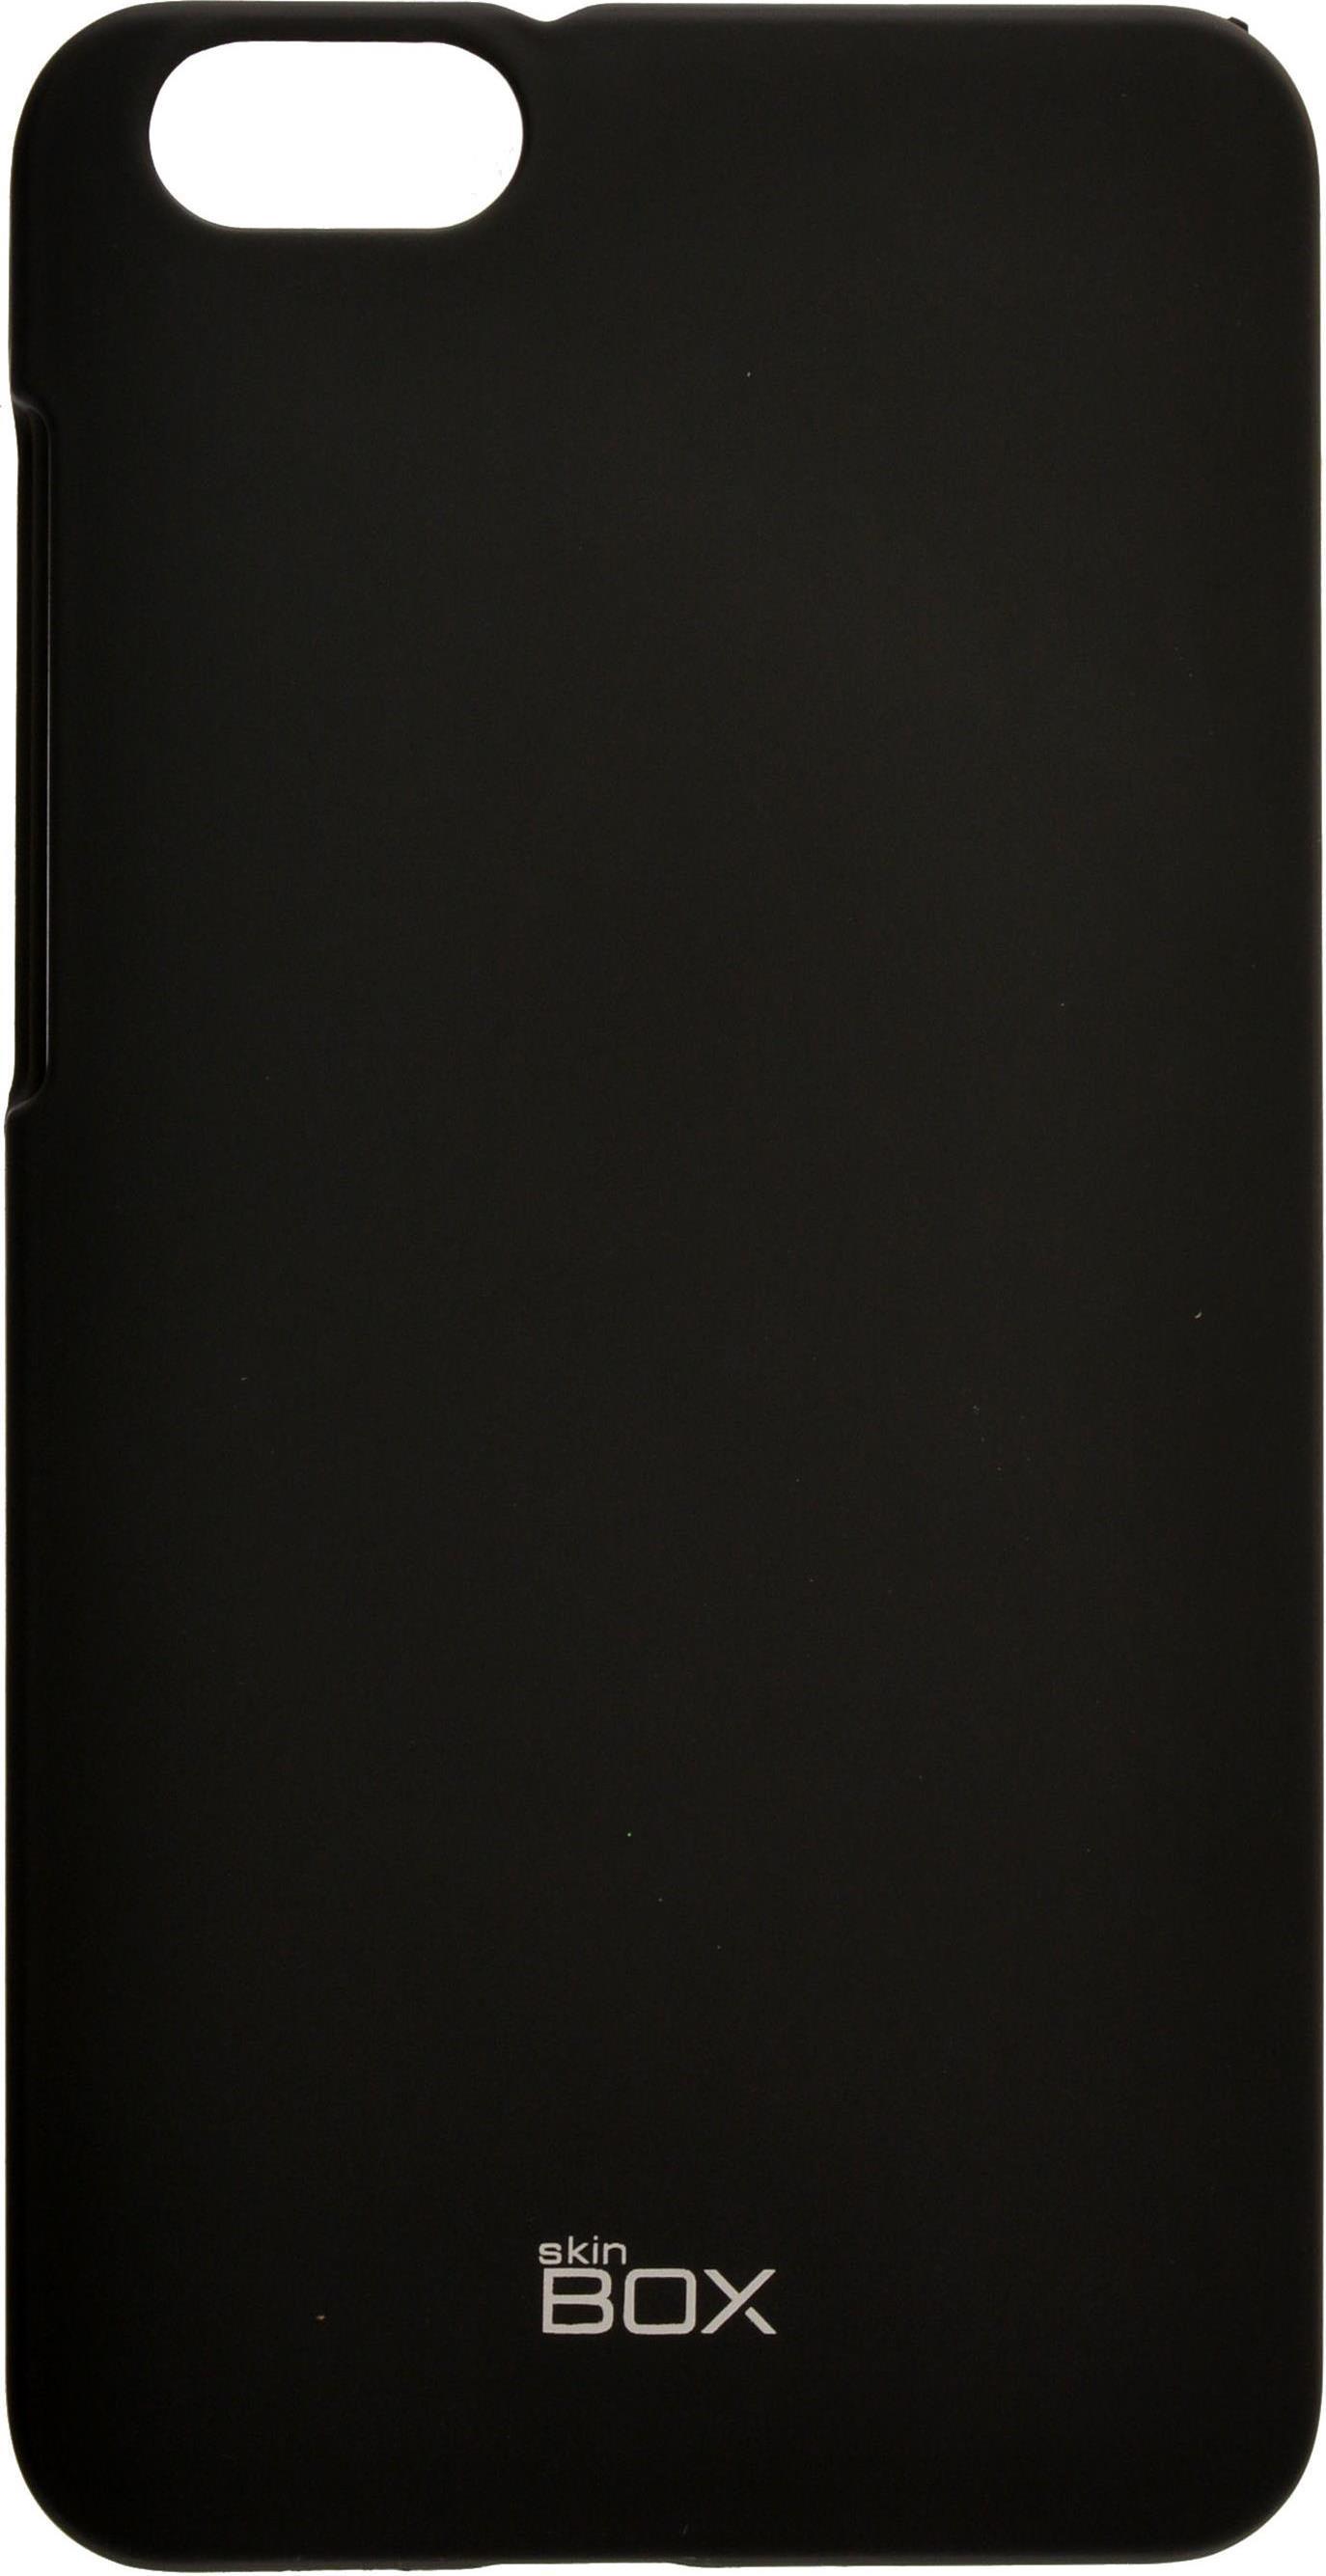 Чехол для сотового телефона skinBOX 4People, 4660041406849, черный цена 2017